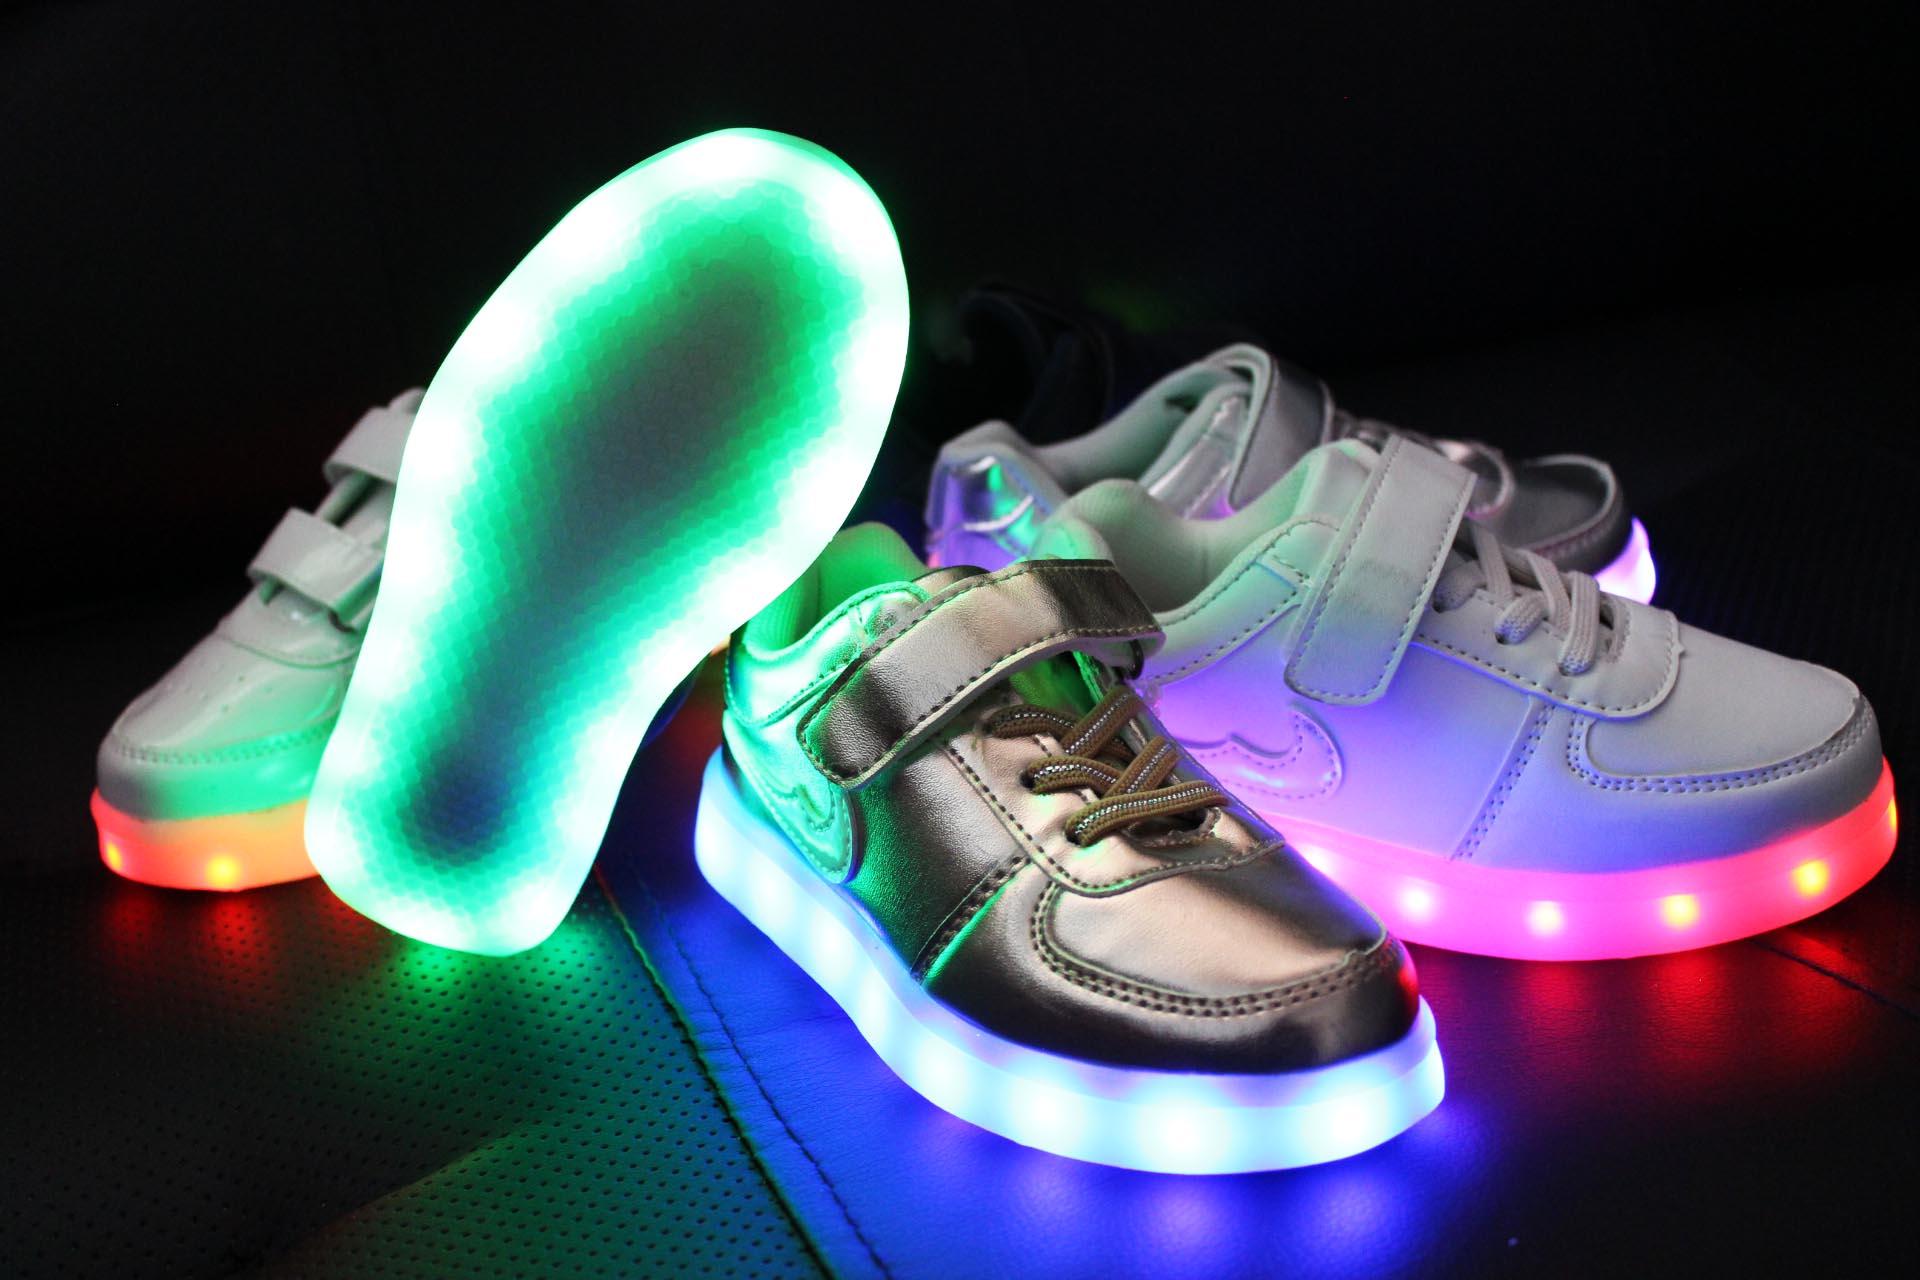 f64916b7 Светящиеся кроссовки как отдельное направление бизнеса, высокий доход